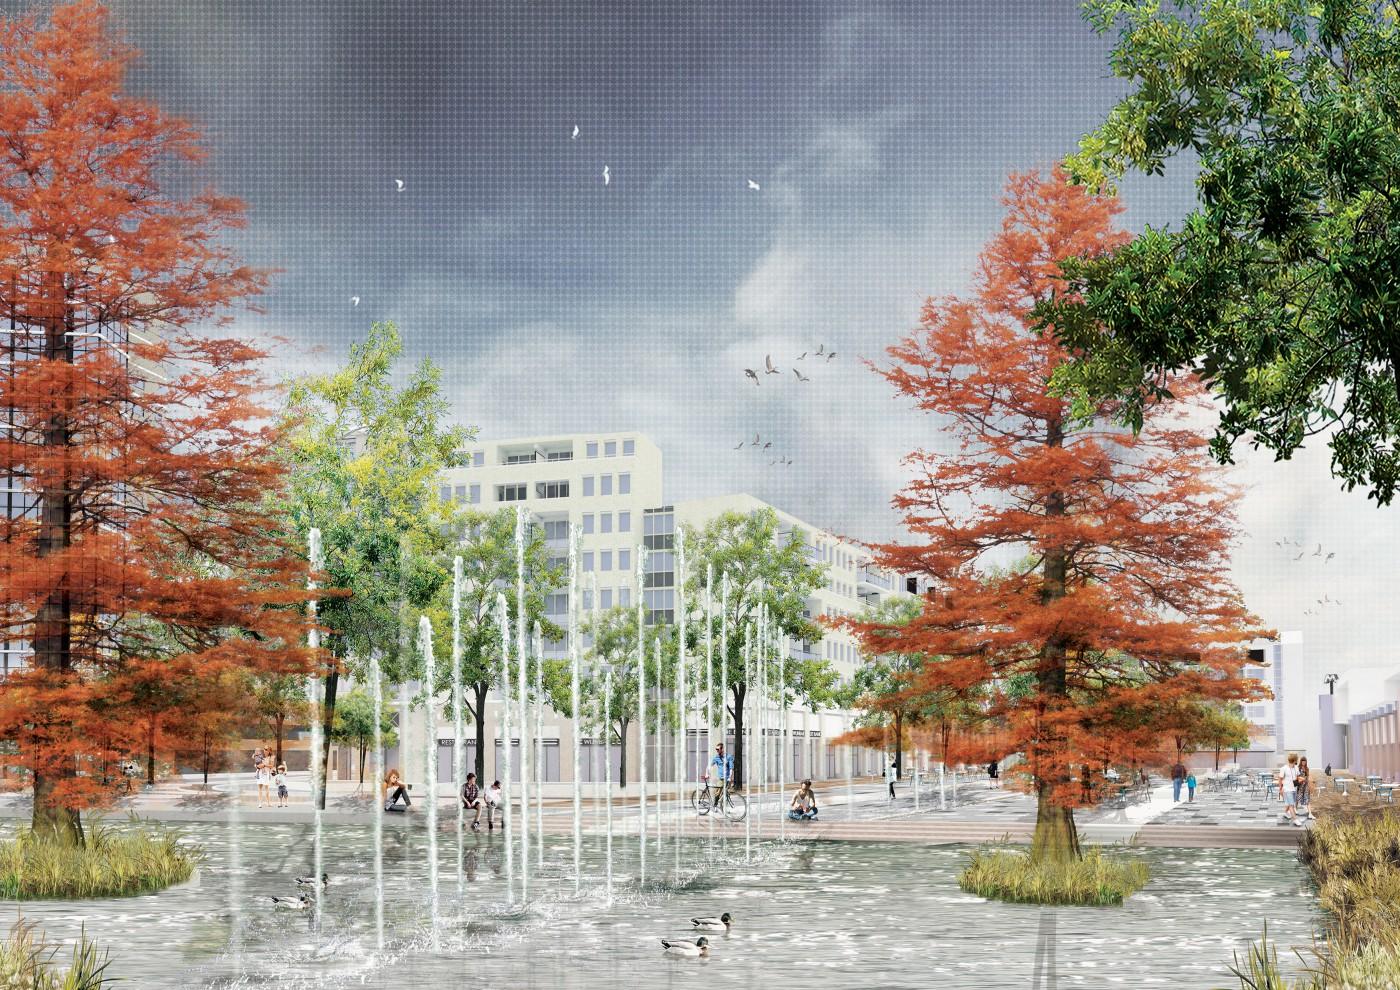 buro-sant-en-co-landschapsarchitectuur-stadsplein-capelle aan den ijssel-plein-herinrichting-groen-water-klimaatadaptief-schetsontwerp-model liniair-impressie-